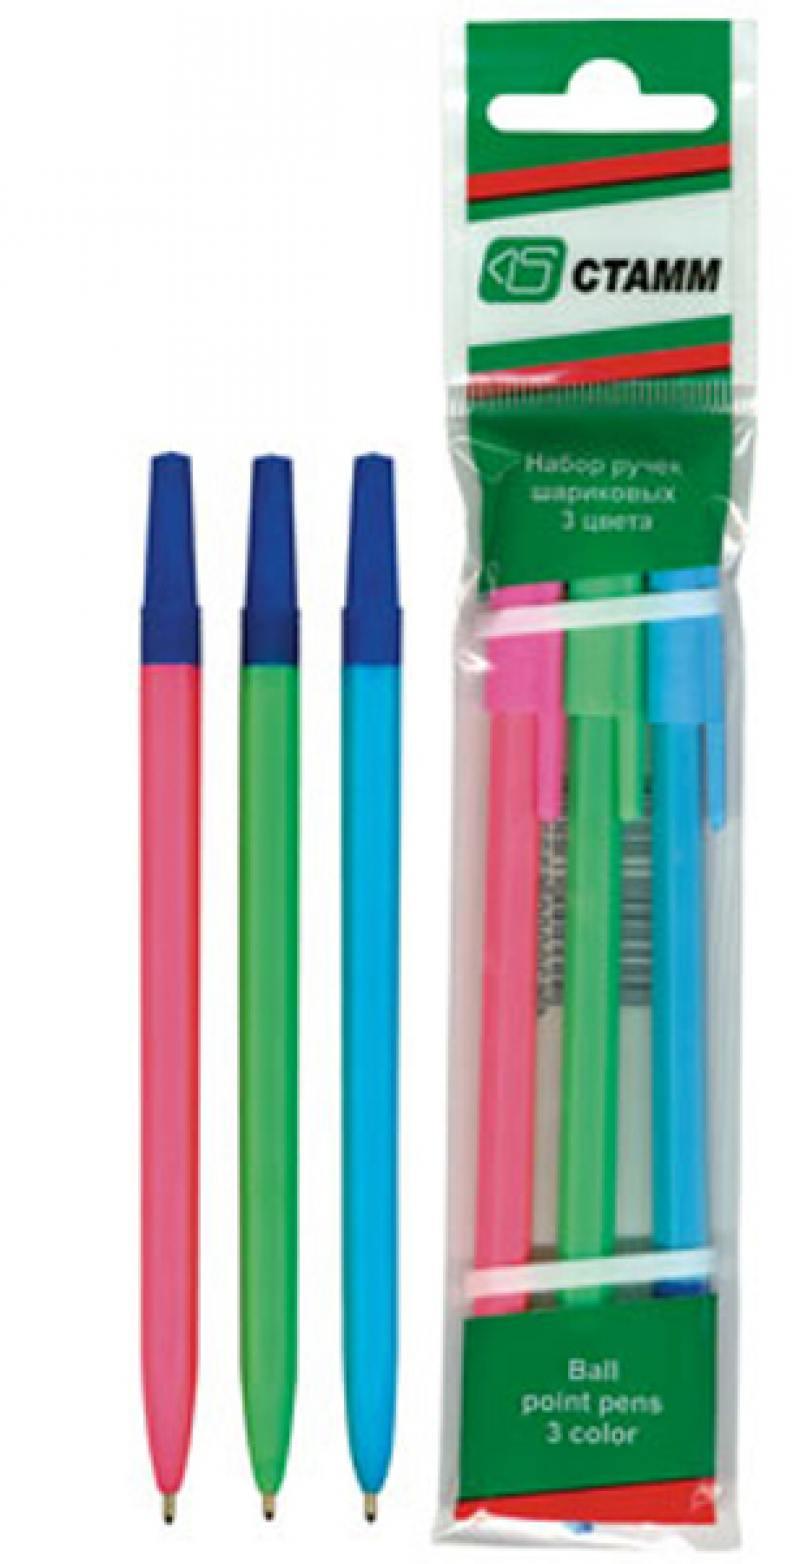 Набор шариковых ручек СТАММ РШ06 3 шт разноцветный 1 мм в ассортименте РШ06 набор фломастеров стамм карапуз 3 мм 6 шт разноцветный ф301 ф301